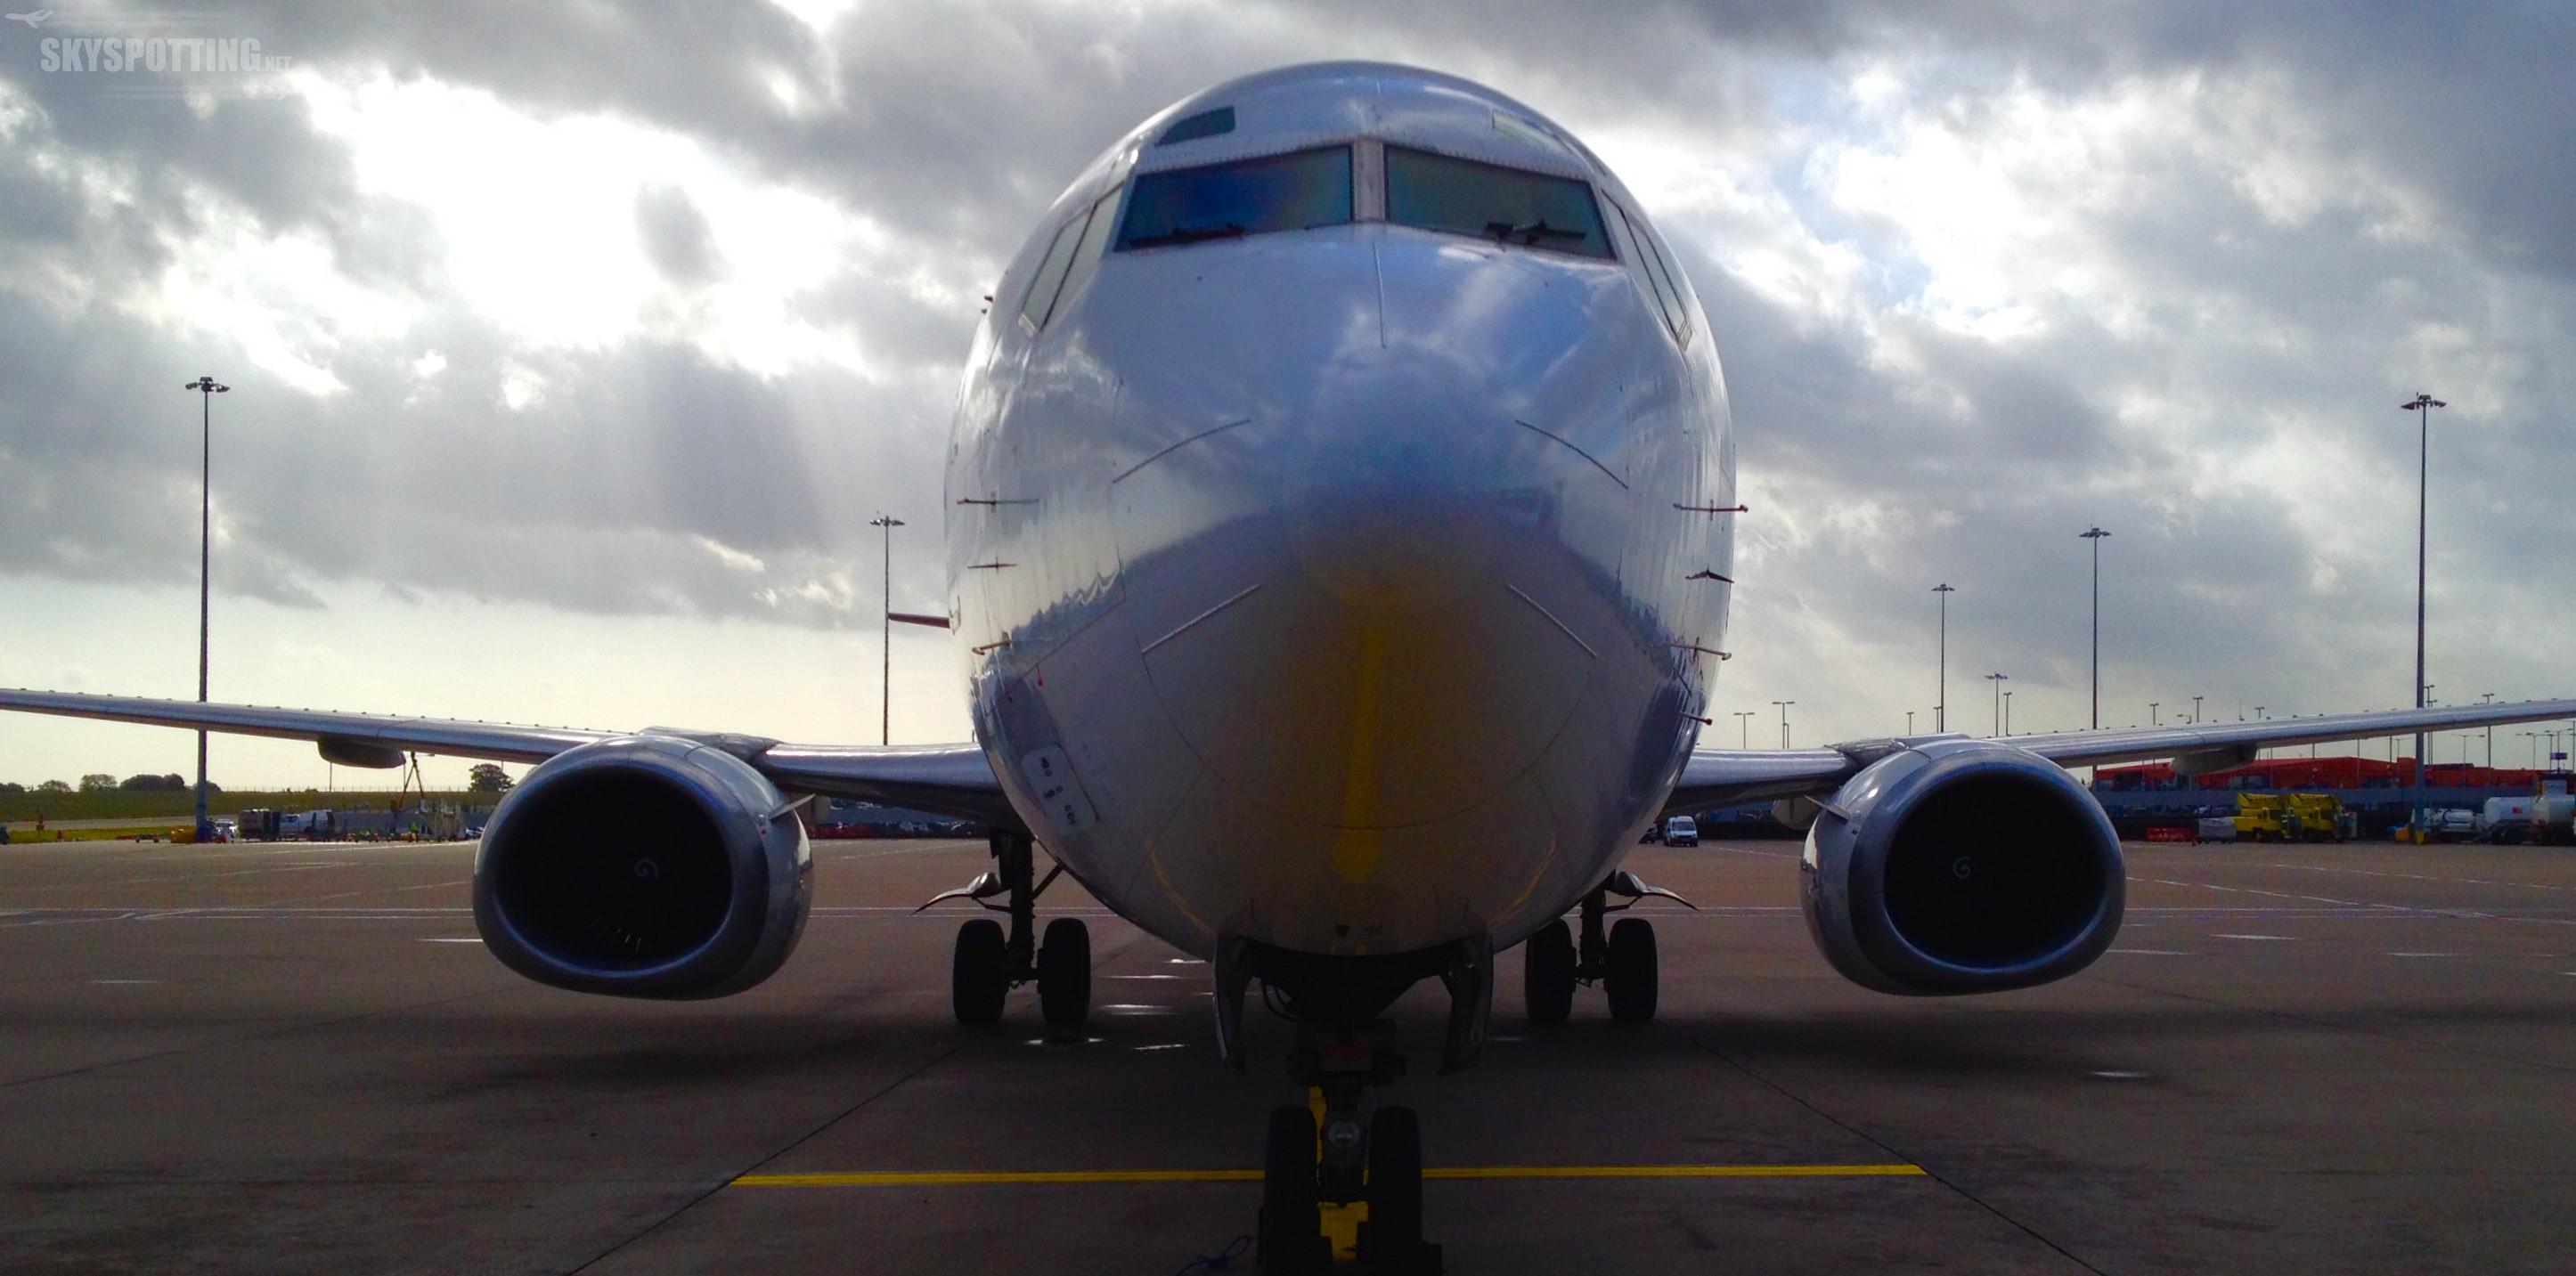 Boeing przewiduje podwojenie lotniczego przewozu towarów w ciągu następnych 20 lat